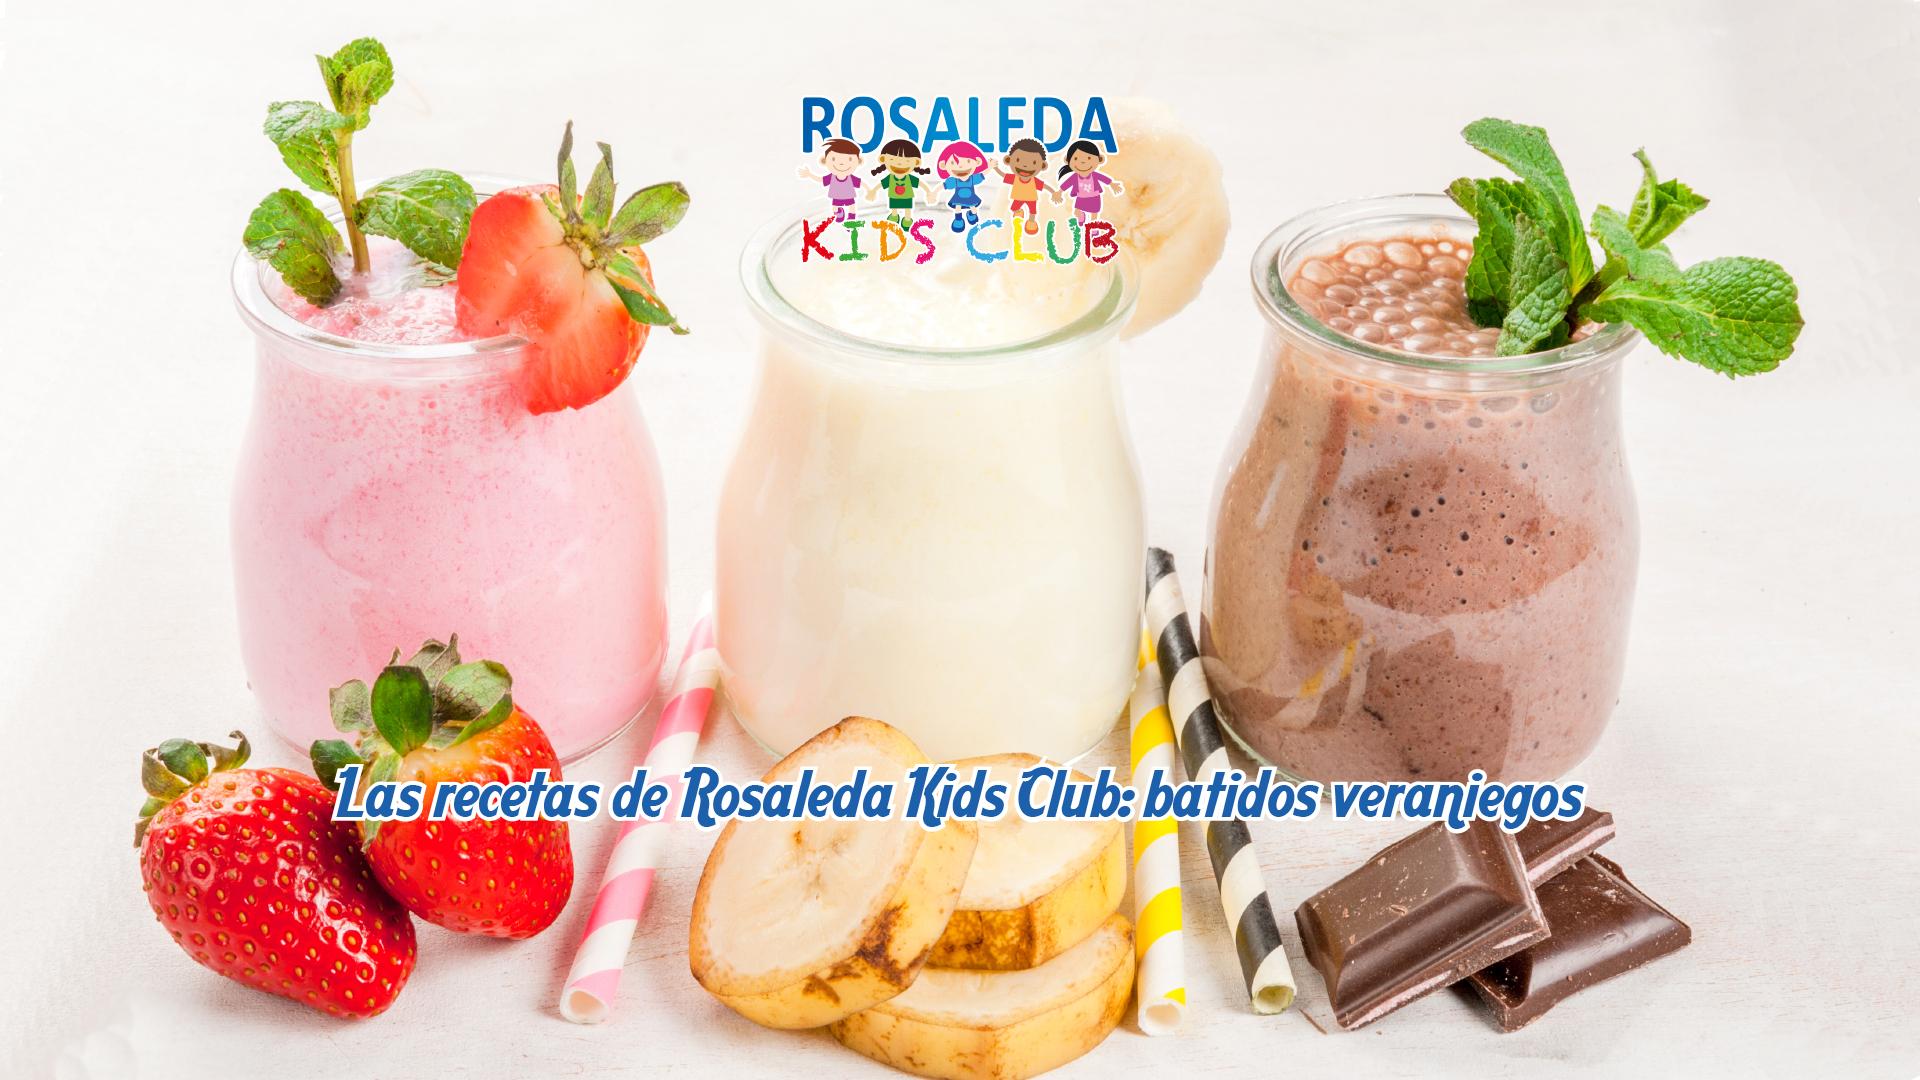 Las recetas de Rosaleda Kids Club: batidos veraniegosLas recetas de Rosaleda Kids Club: batidos veraniegos